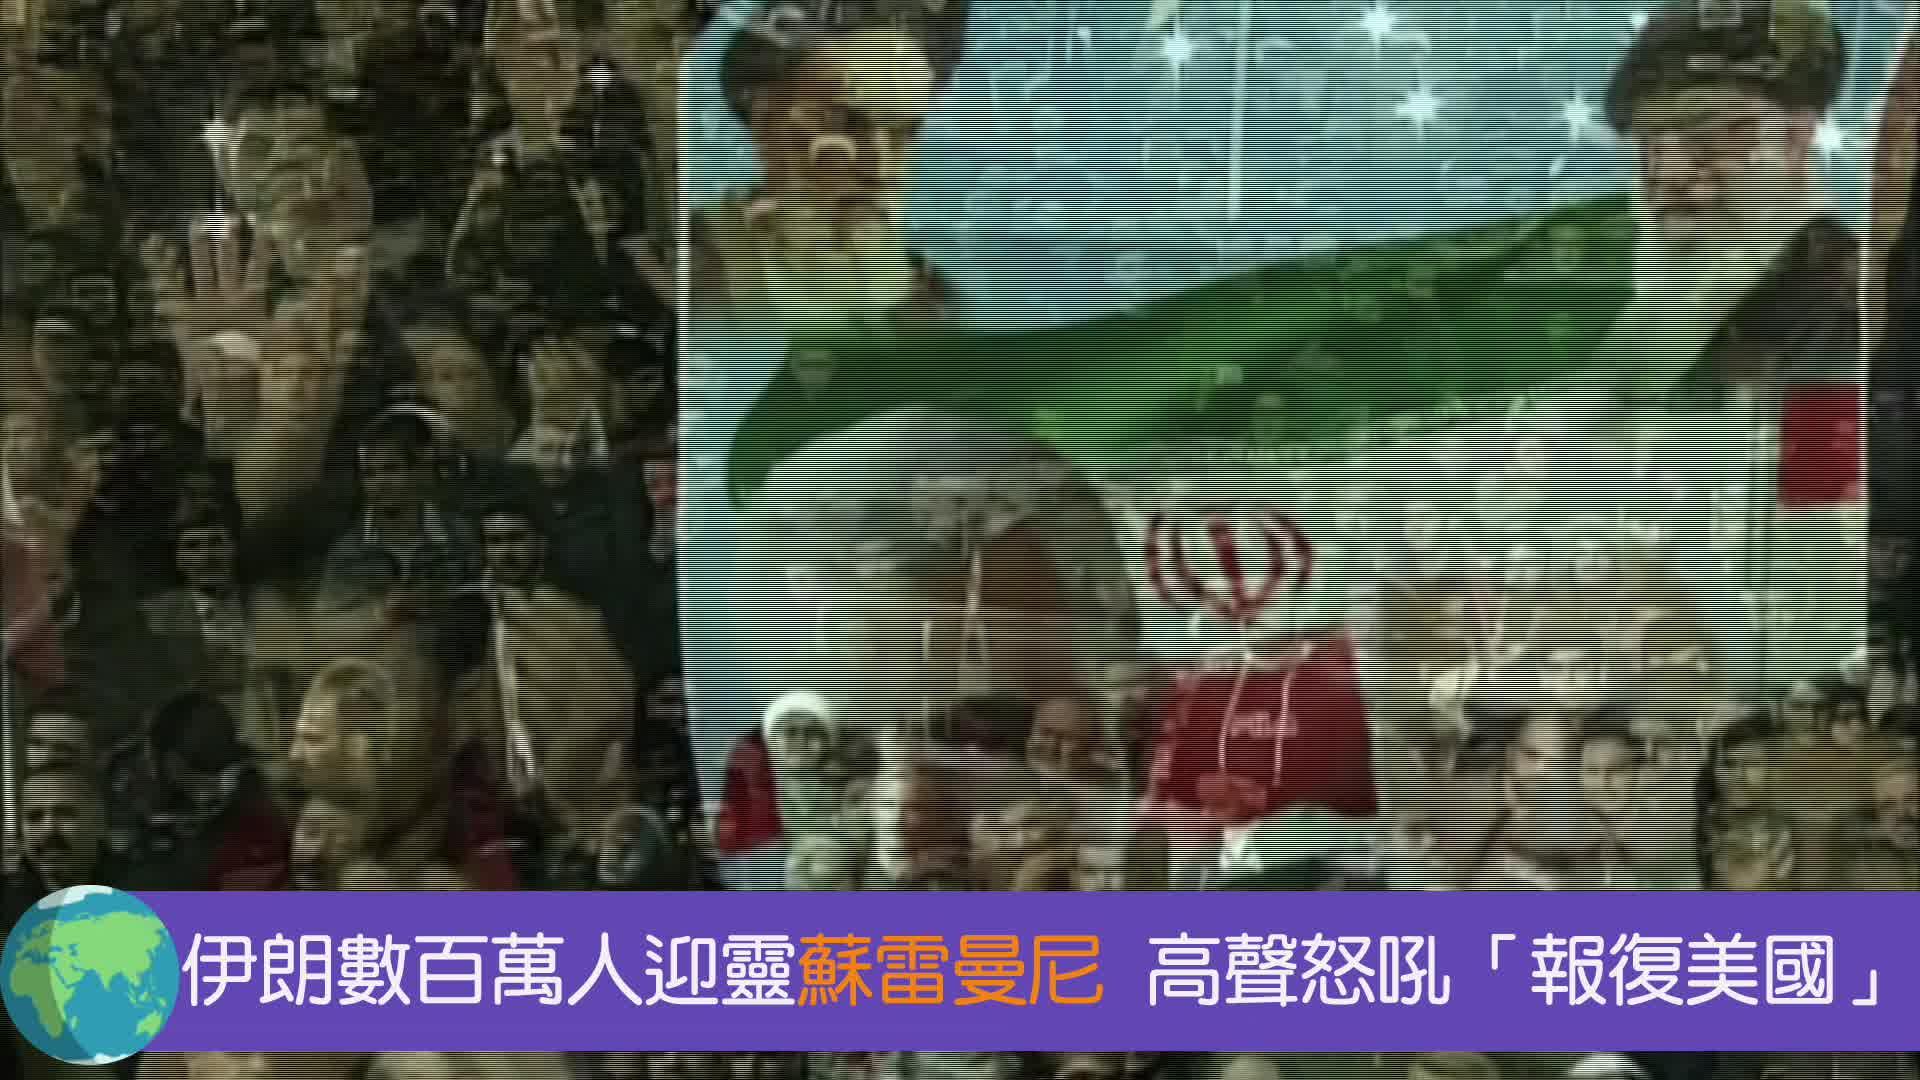 伊朗數百萬人迎靈蘇雷曼尼 高聲怒吼「報復美國」